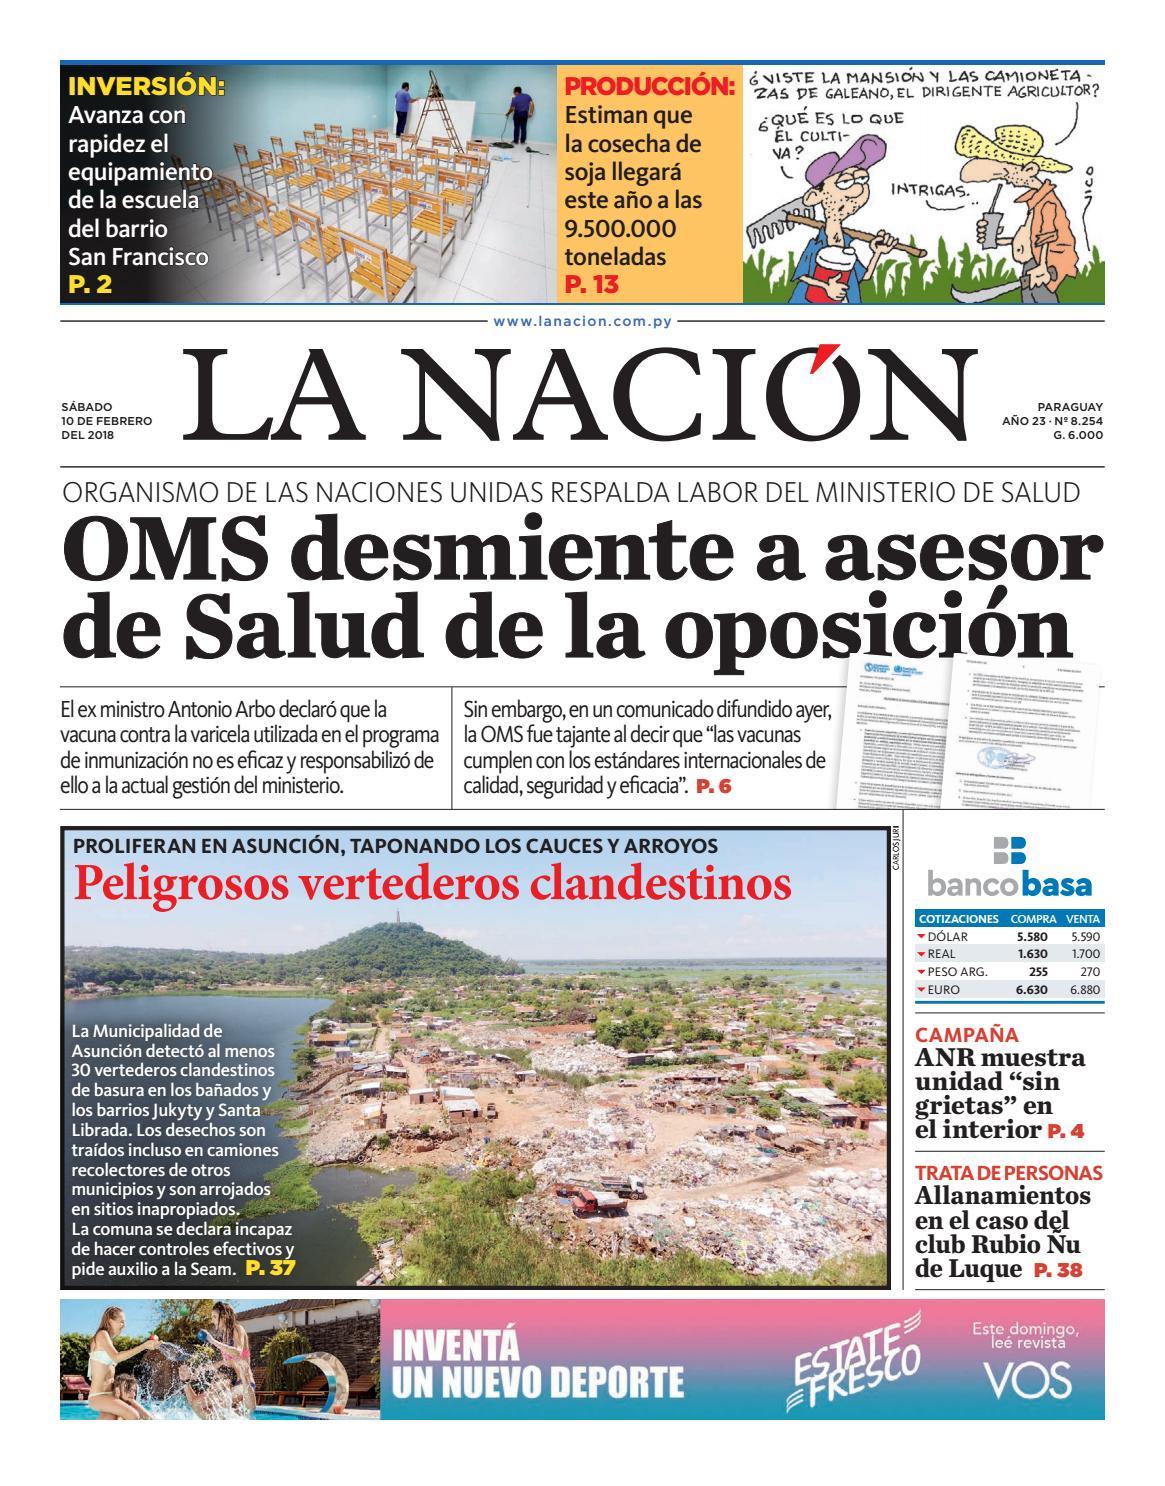 DIARIO LA NACIÓN - EDICIÓN 8.254 by La Nación - issuu